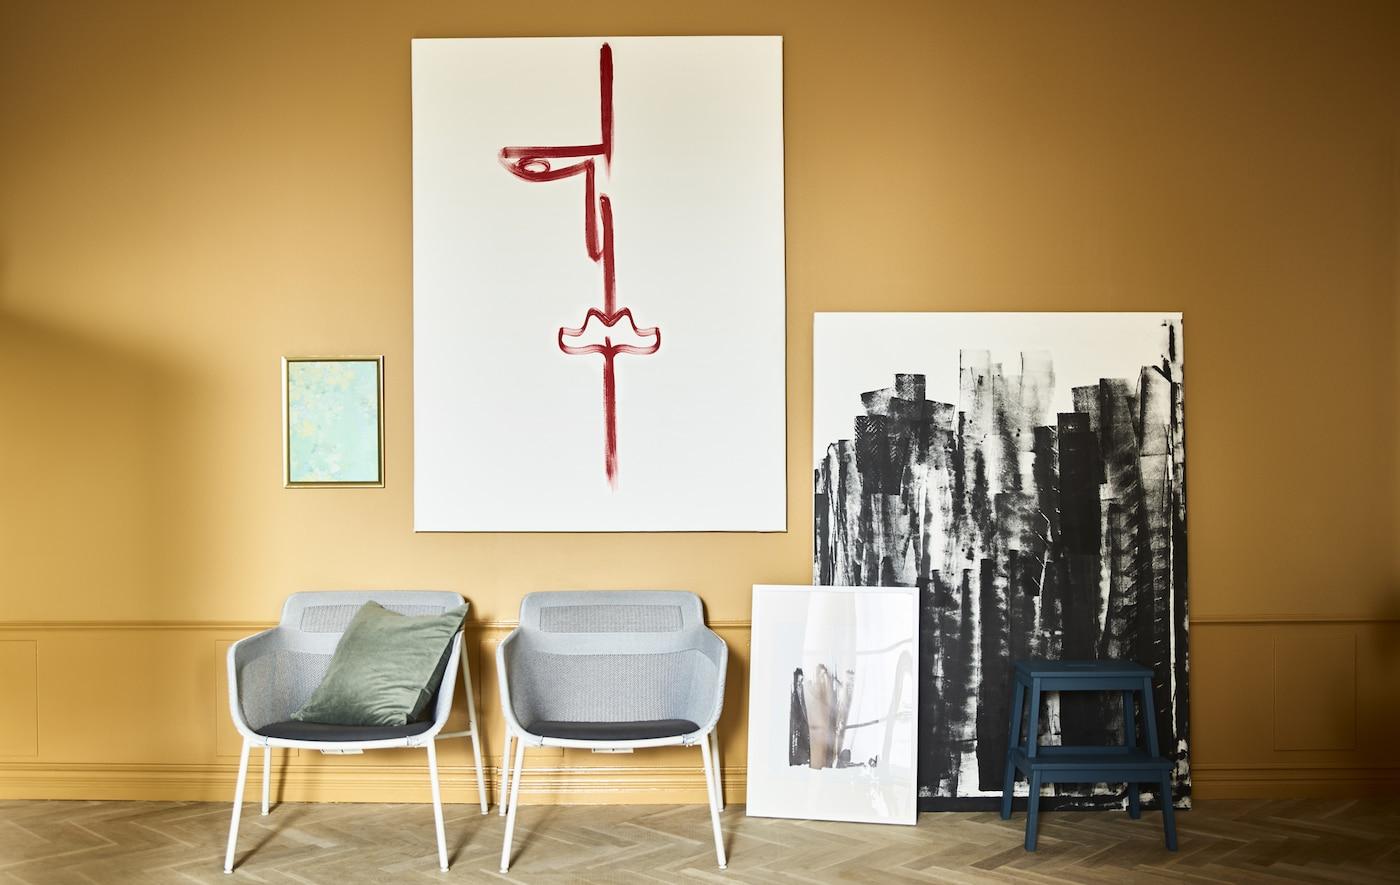 Hun dekket lerretet med lim og la et bilde over. Resultatet er definitivt verdt å henge på veggen!